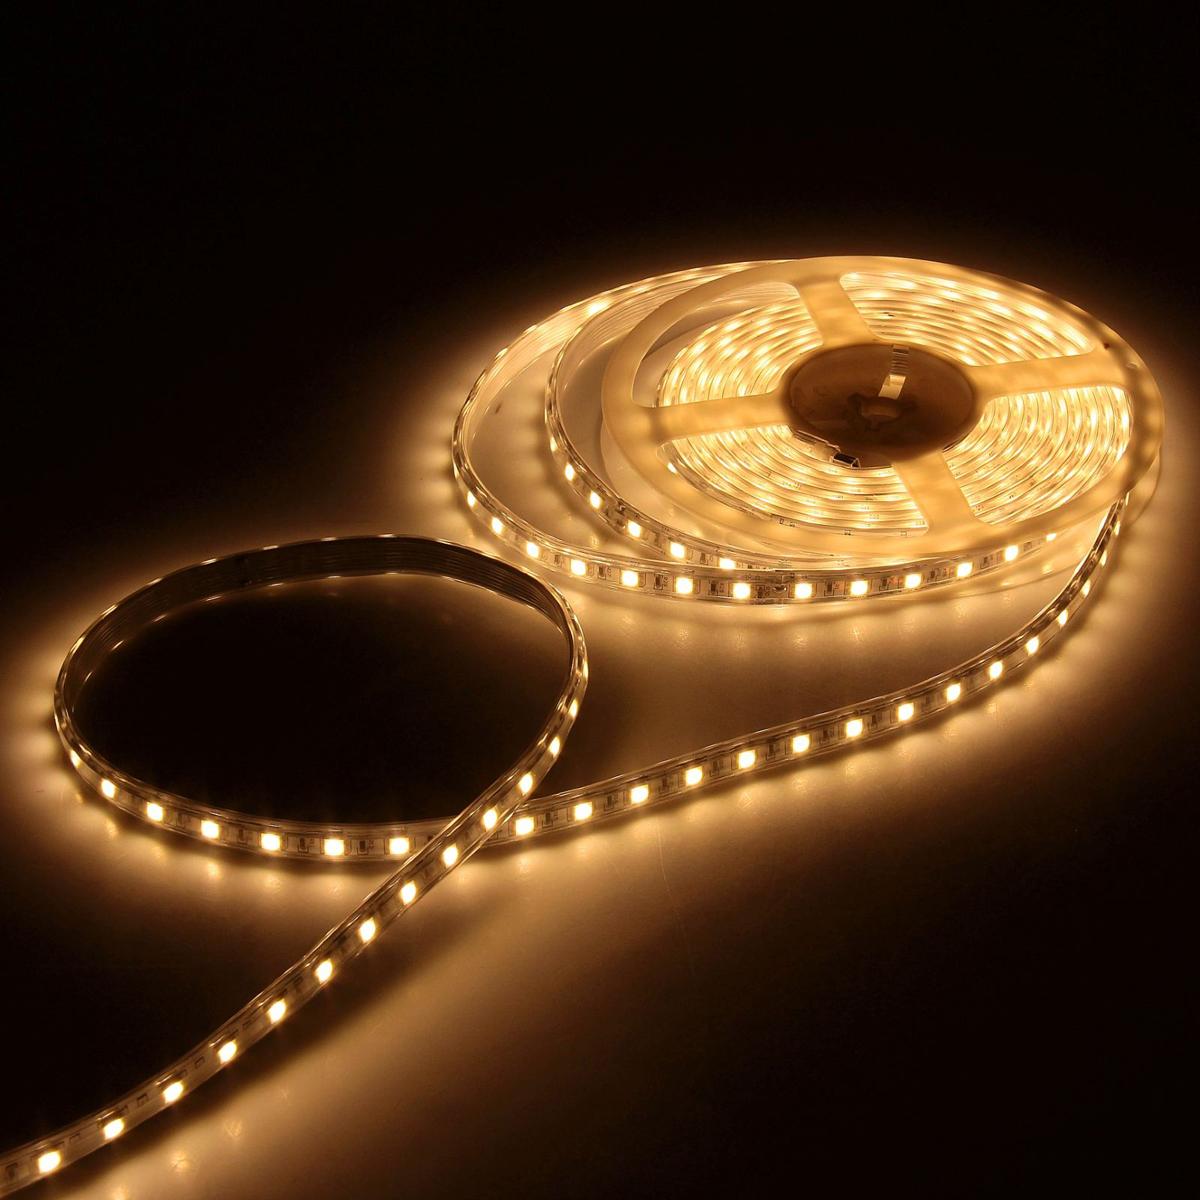 Светодиодная лента Luazon, 220В, SMD5050, длина 5 м, IP65, 60 LED ламп, 11 Вт/м, 16-18 Лм/1 LED, AC, цвет: теплый белый883975Светодиодные гирлянды, ленты и т.д — это отличный вариант для новогоднего оформления интерьера или фасада. С их помощью помещение любого размера можно превратить в праздничный зал, а внешние элементы зданий, украшенные ими, мгновенно станут напоминать очертания сказочного дворца. Такие украшения создают ауру предвкушения чуда. Деревья, фасады, витрины, окна и арки будто специально созданы, чтобы вы украсили их светящимися нитями.